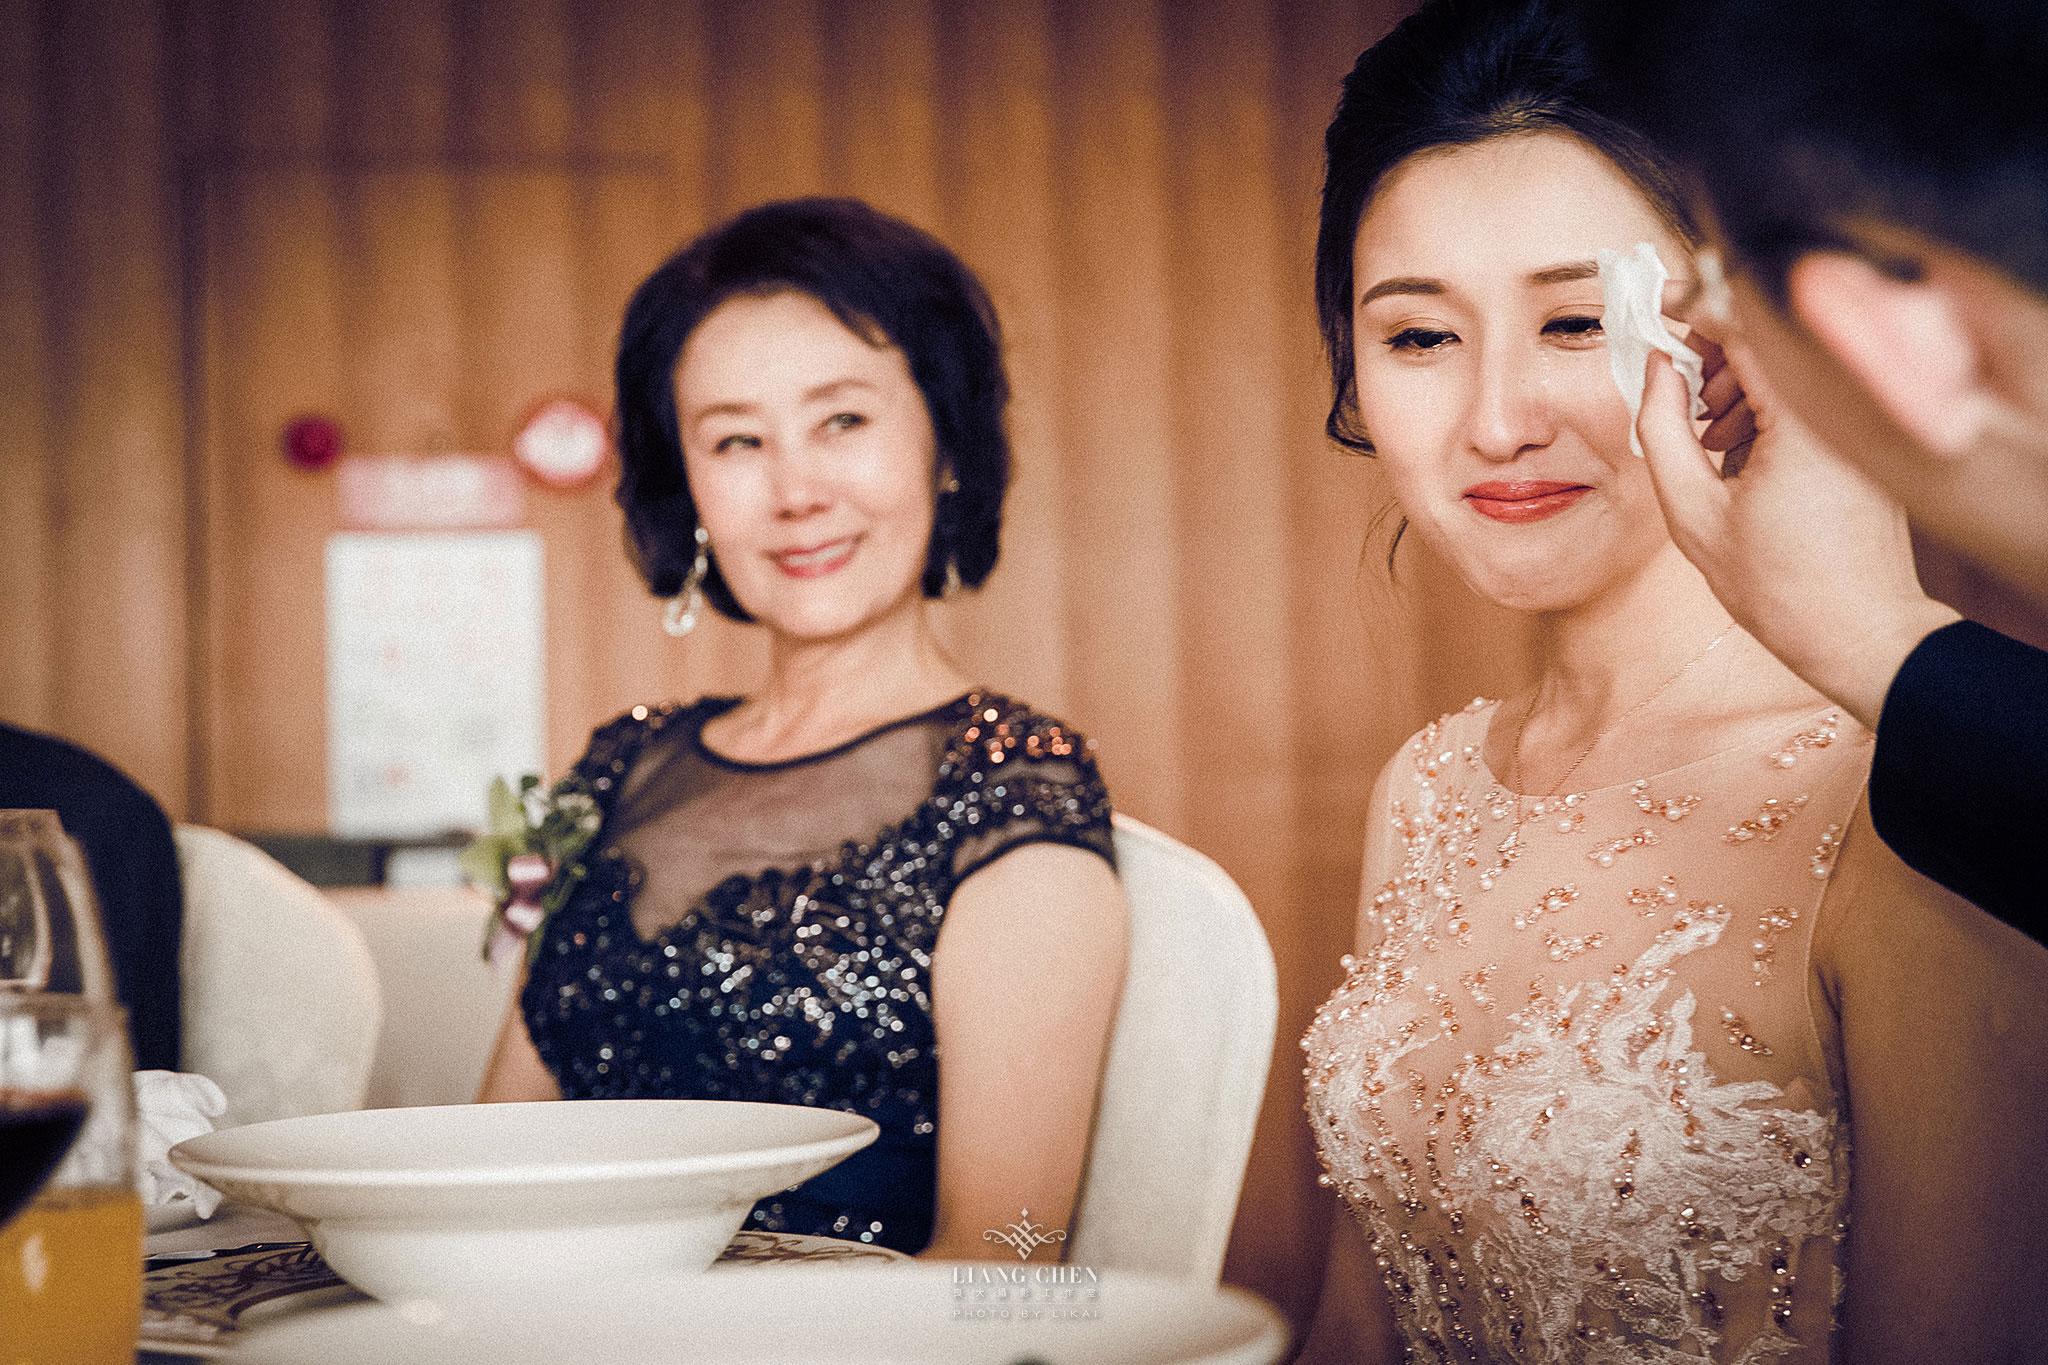 婚禮紀錄 - 欣瑜 & 星融 - 日月潭涵碧樓